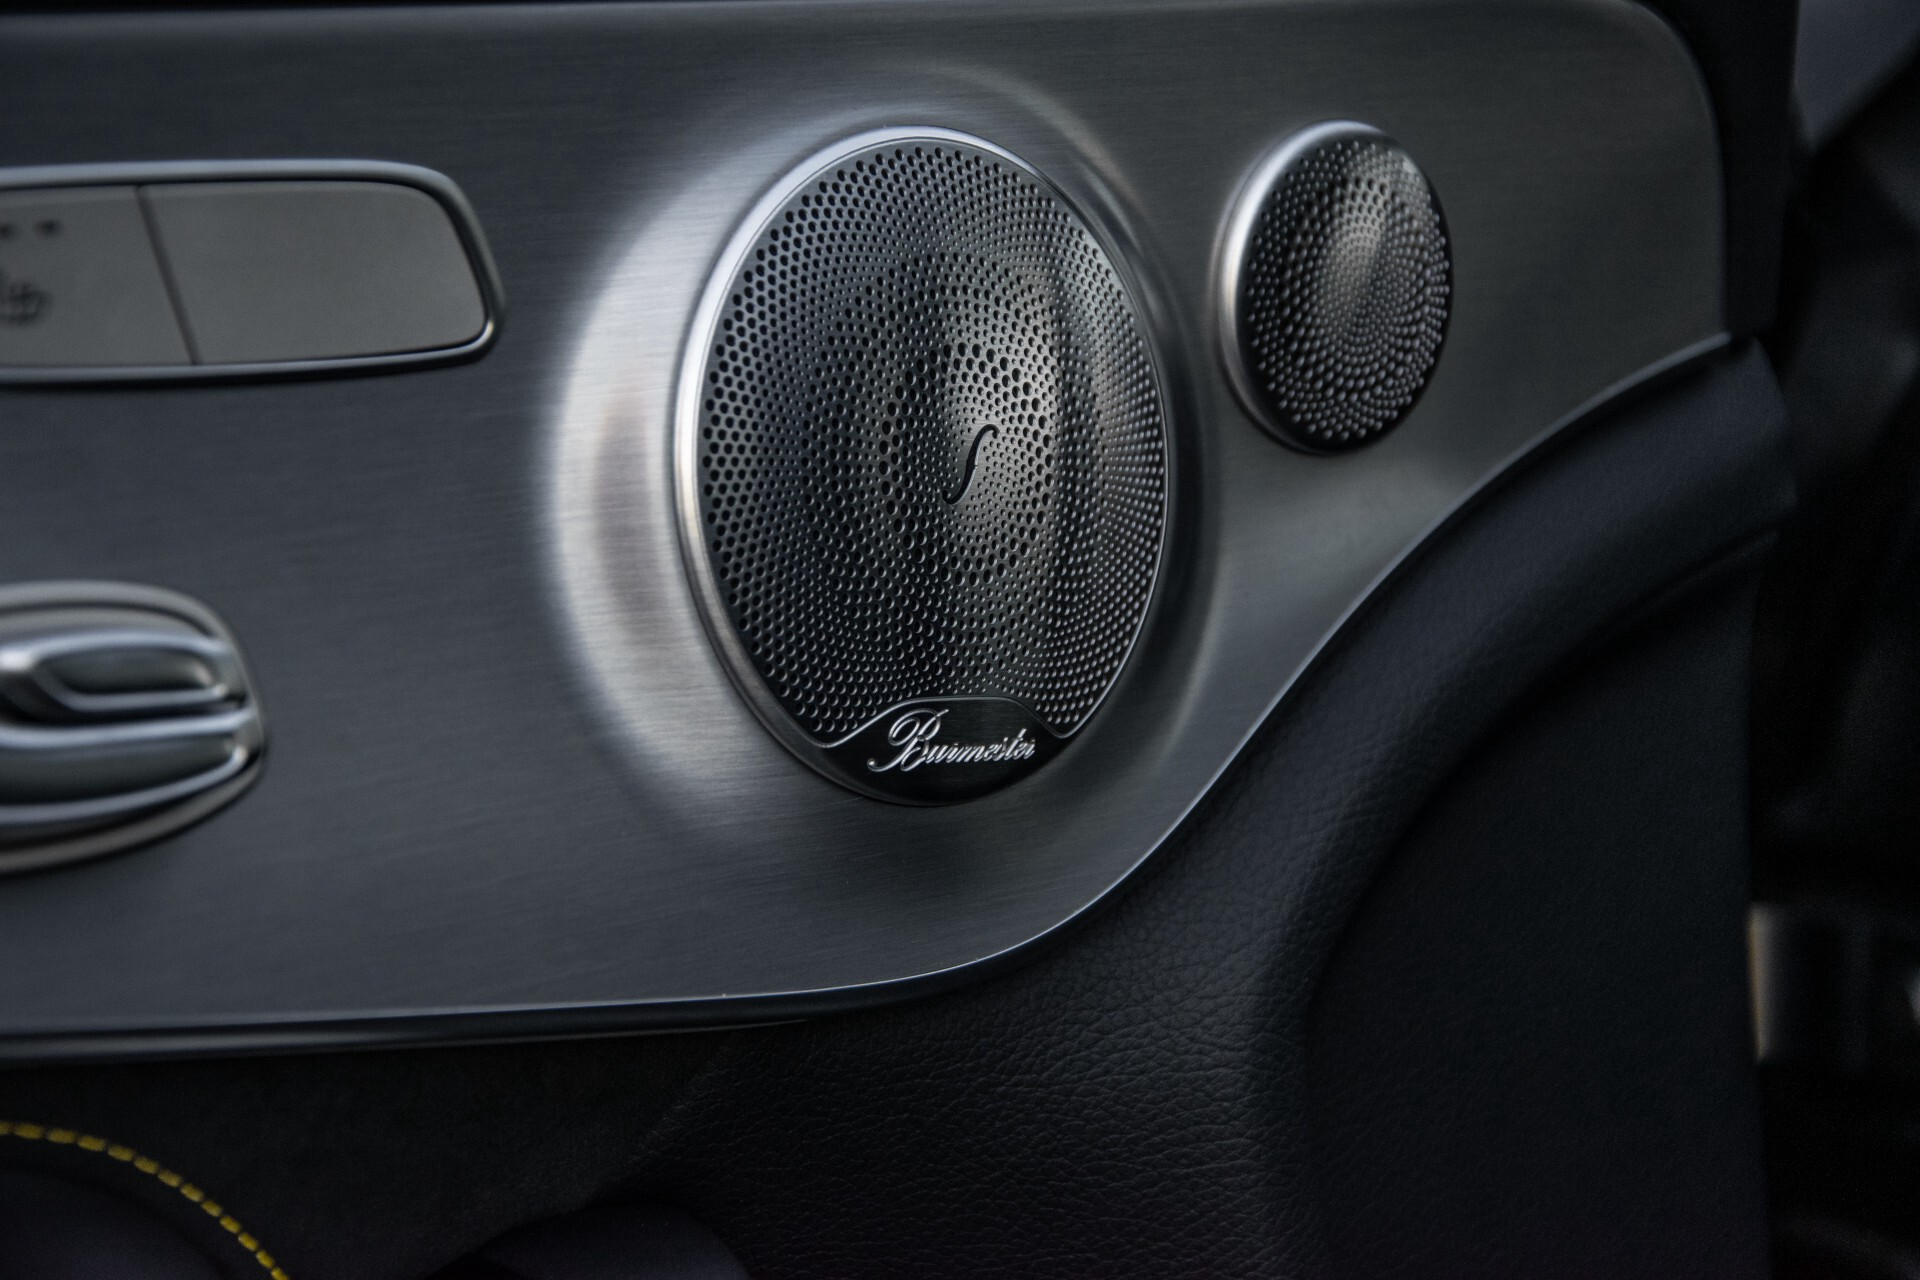 Mercedes-Benz C-Klasse Coupé 63 S AMG EDITION 1 Panorama Aut7 Foto 43